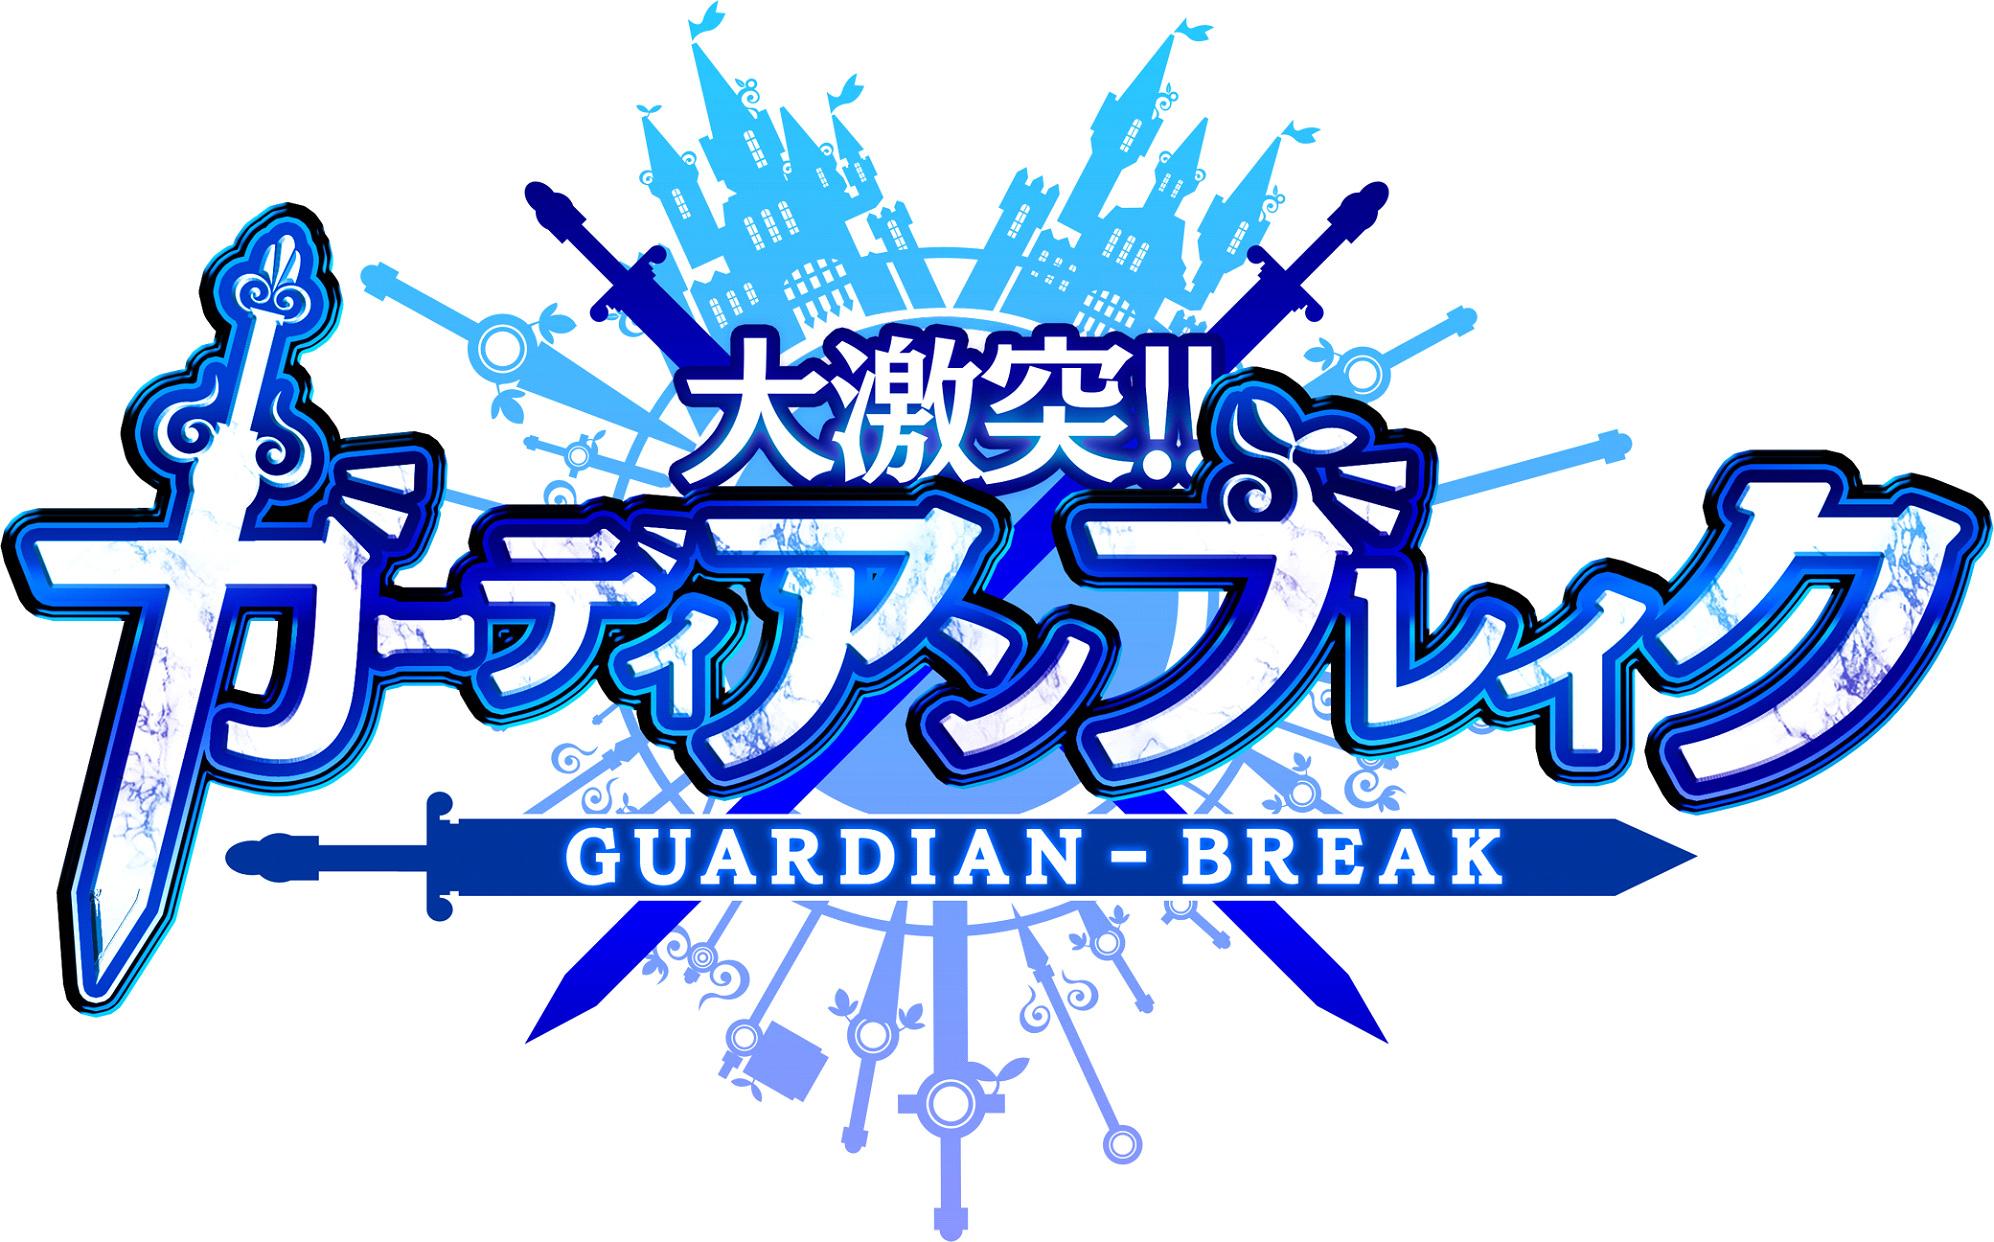 グループス、Mobageにて新作ソーシャルゲーム「大激突!!ガーディアンブレイク」の事前登録受付を開始